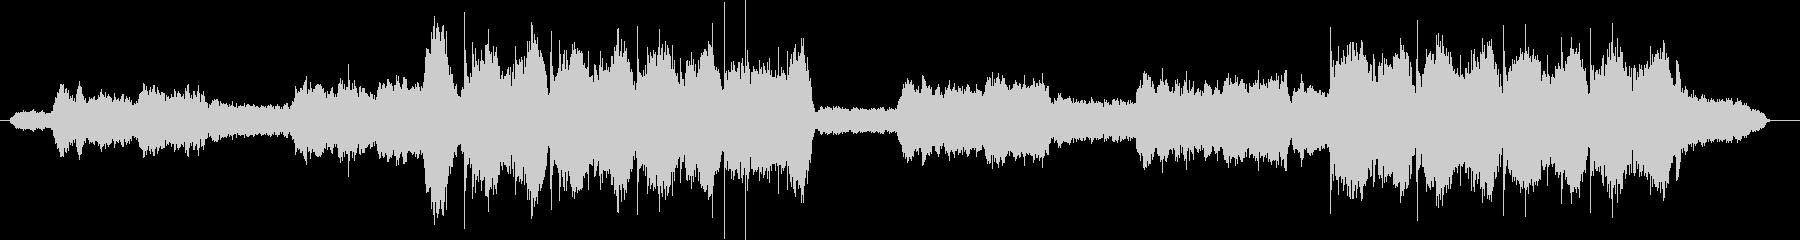 ヒーリングボイスが印象的な癒やしサウンドの未再生の波形